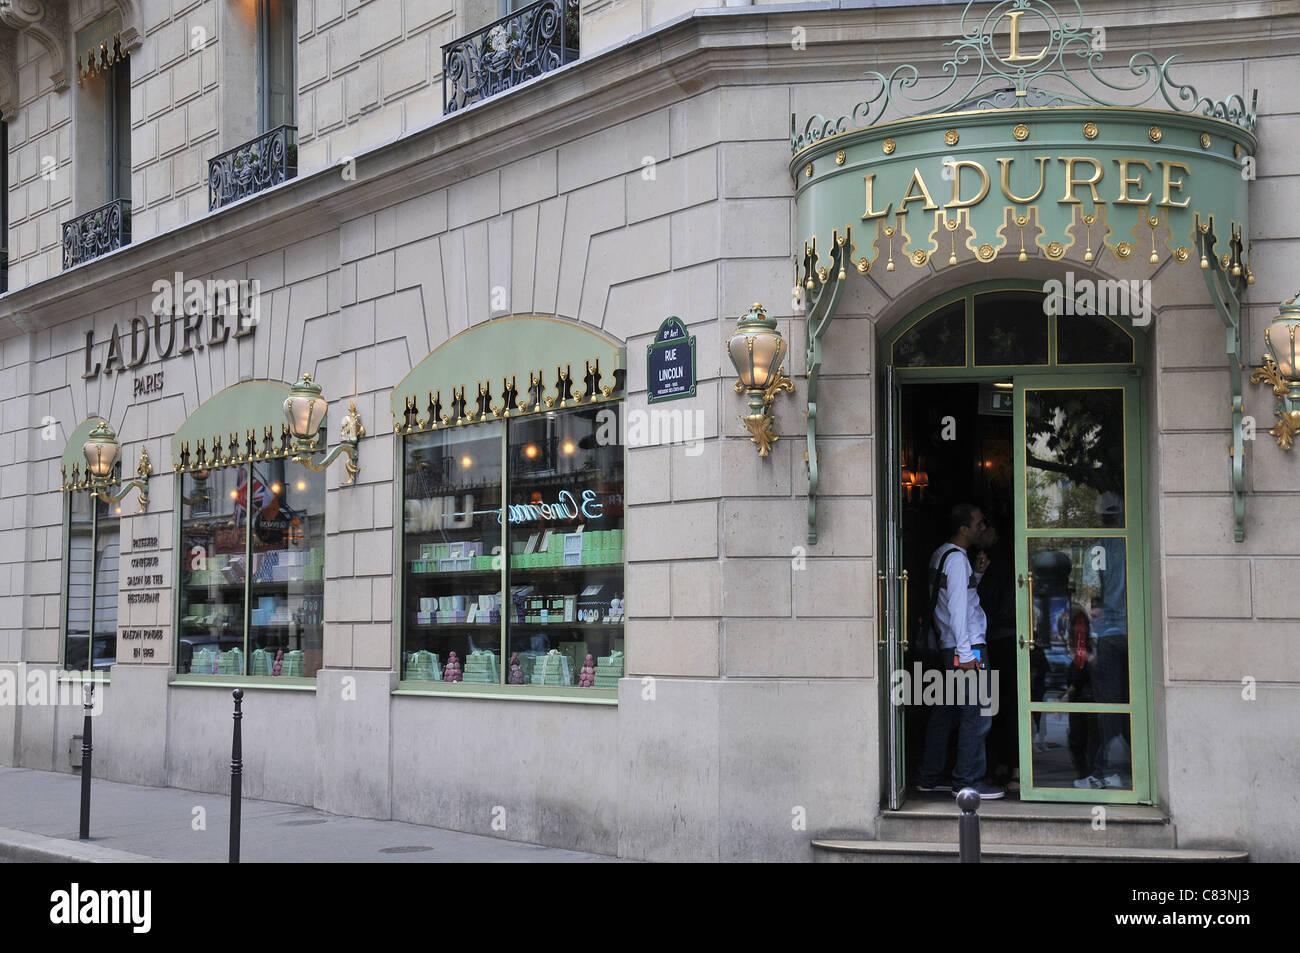 Laduree boutique Champs-Elysée Paris France - Stock Image